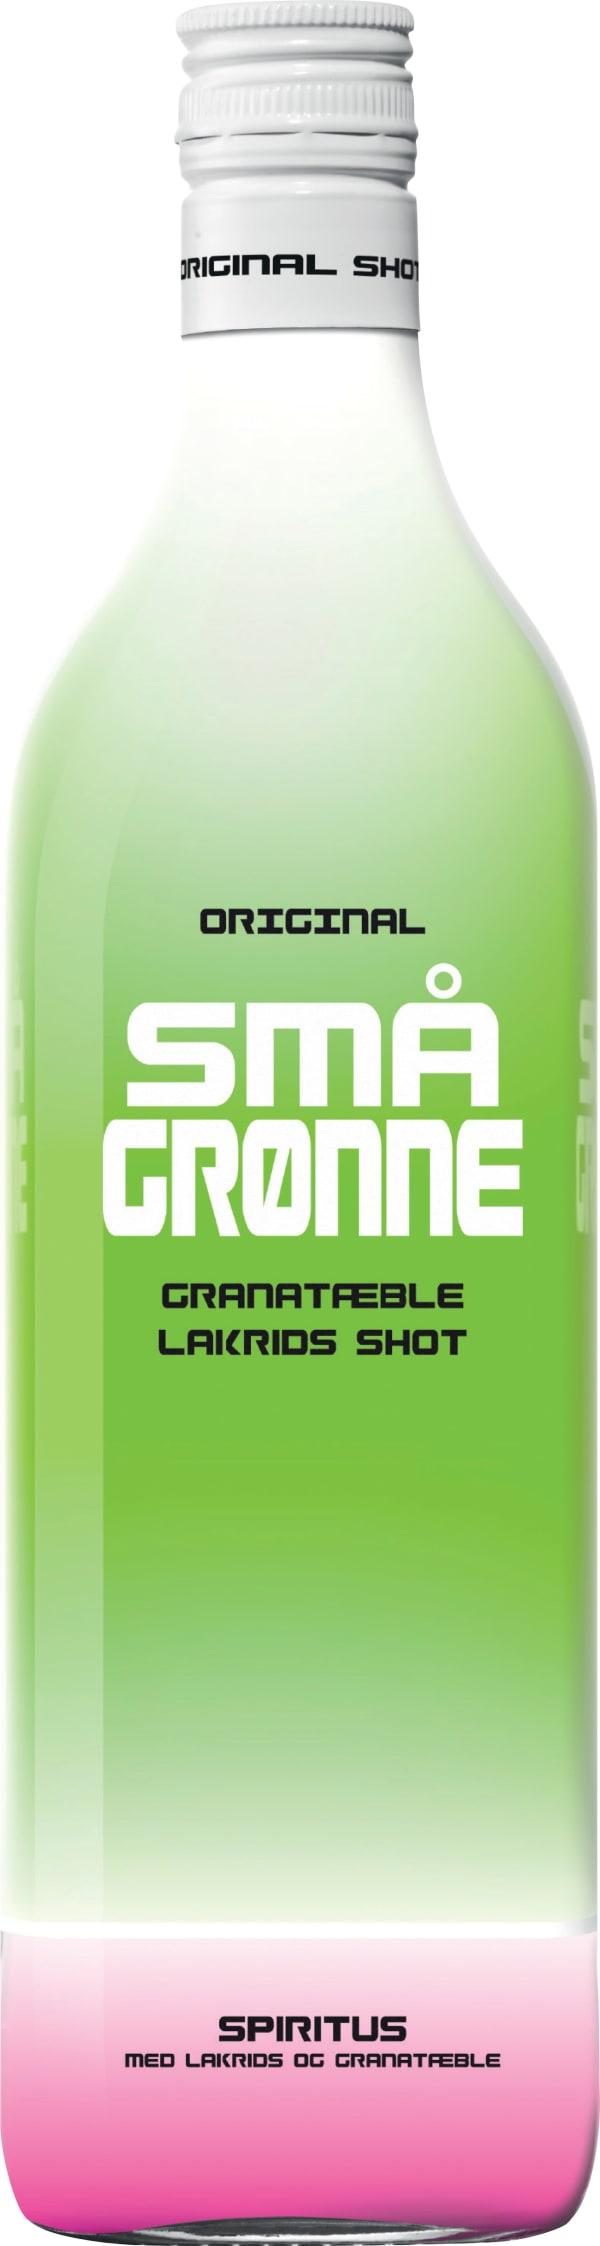 Små Gronne Granatable Lakrids Shot plastic bottle